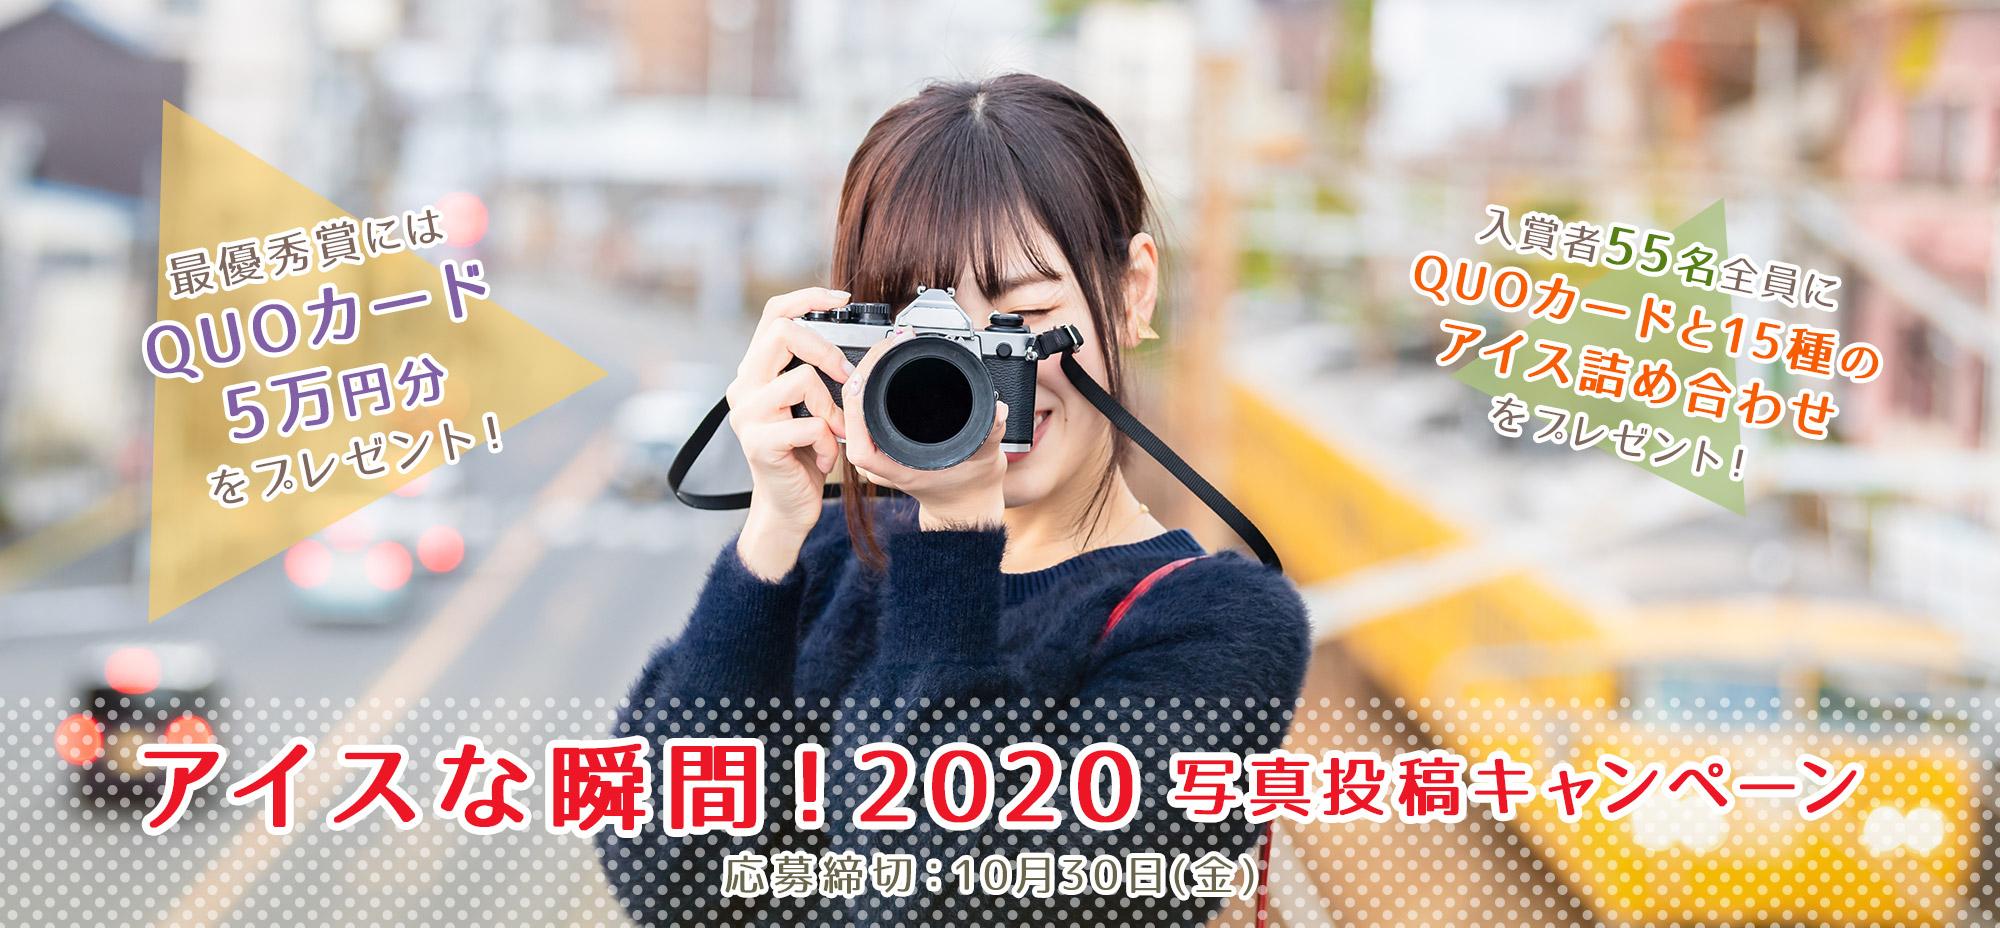 アイスな瞬間!2020 写真投稿キャンペーン 応募期間:8月1日(土)~10月30日(金)